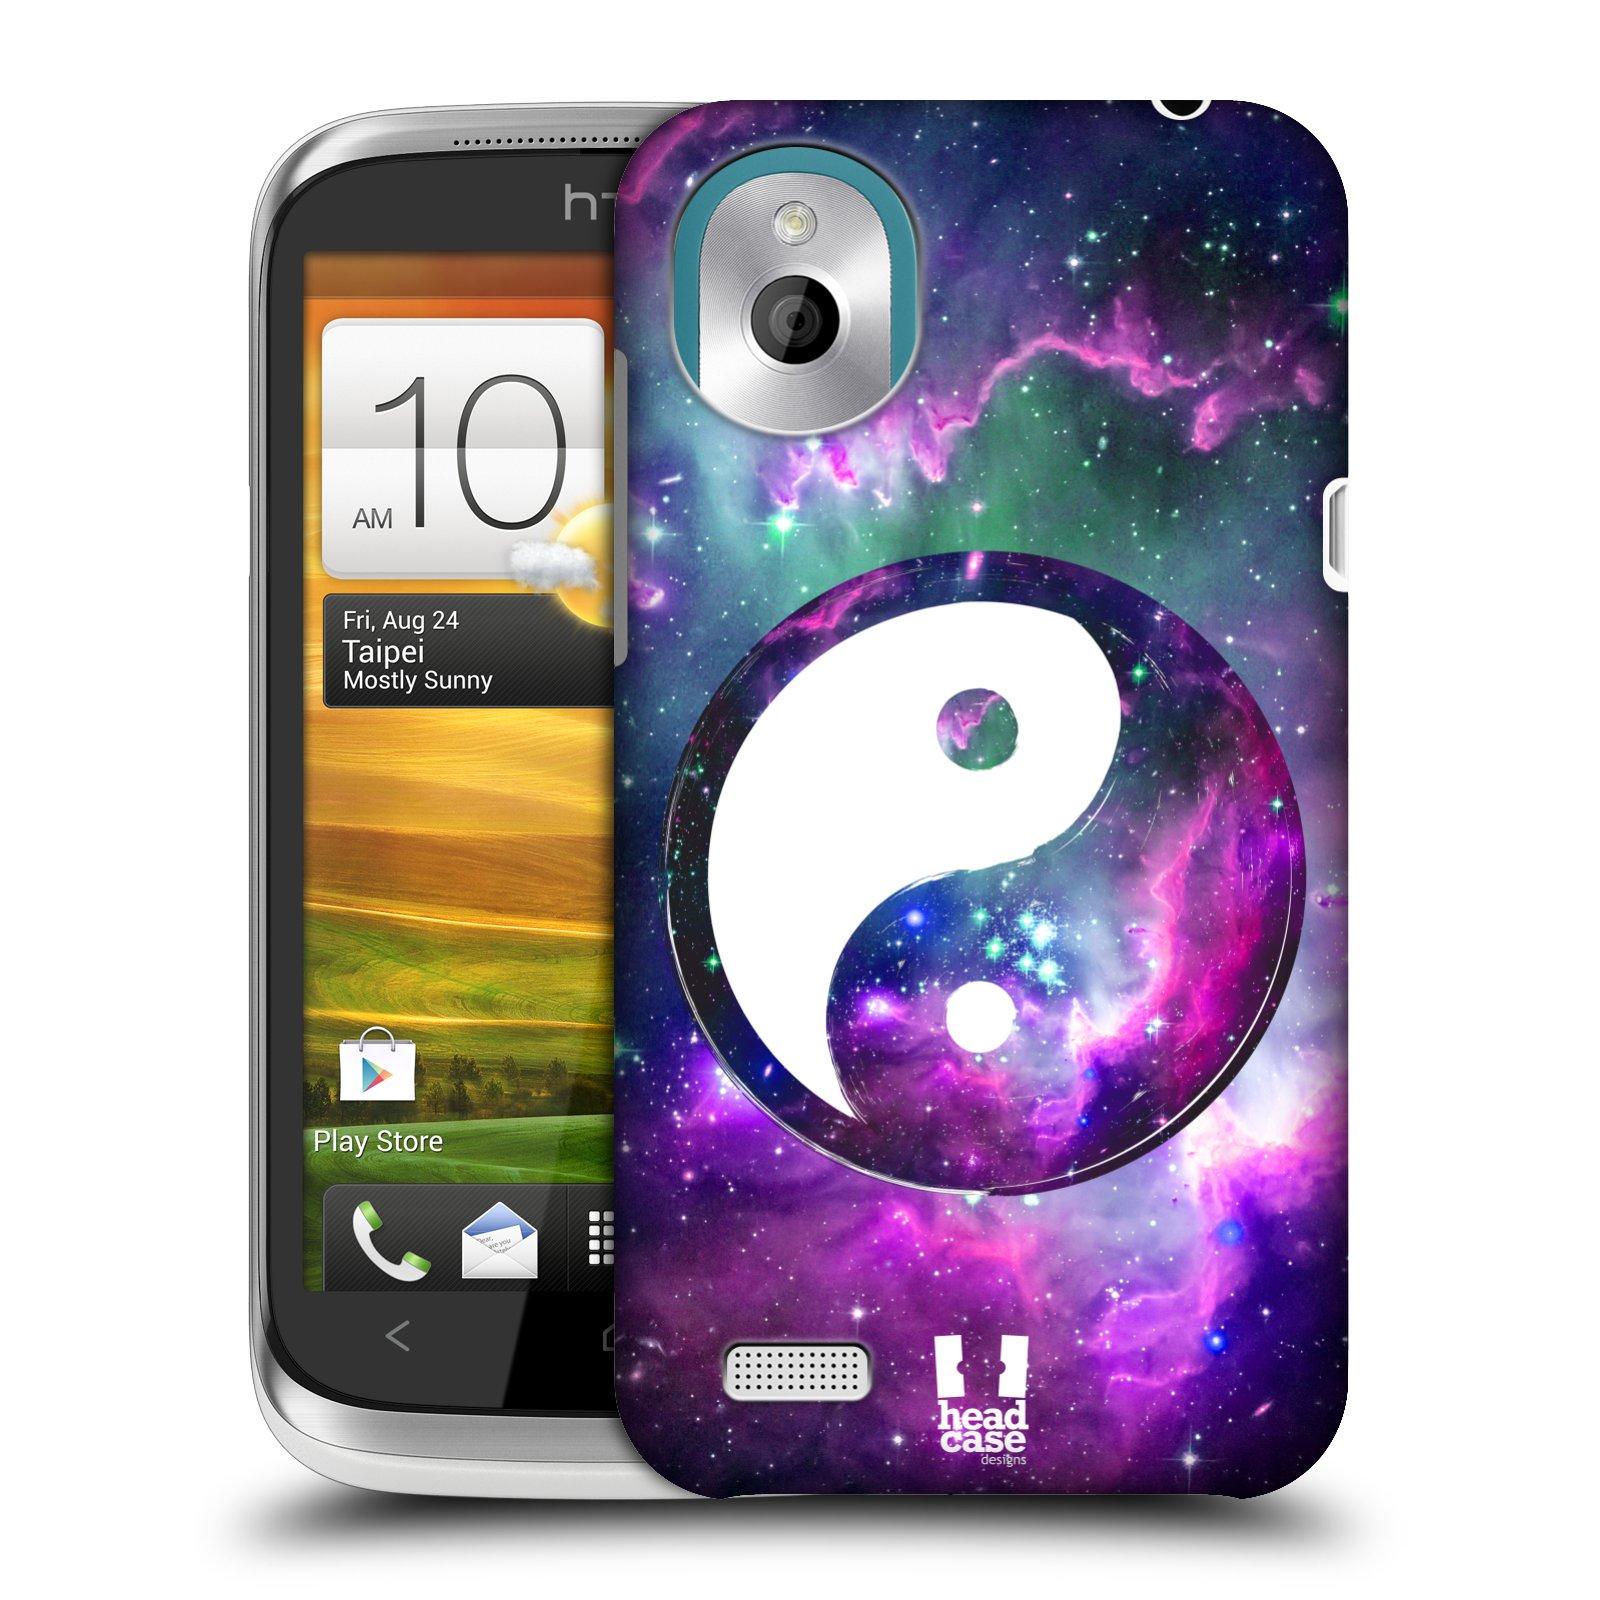 Plastové pouzdro na mobil HTC Desire X HEAD CASE Yin a Yang PURPLE (Kryt či obal na mobilní telefon HTC Desire X)